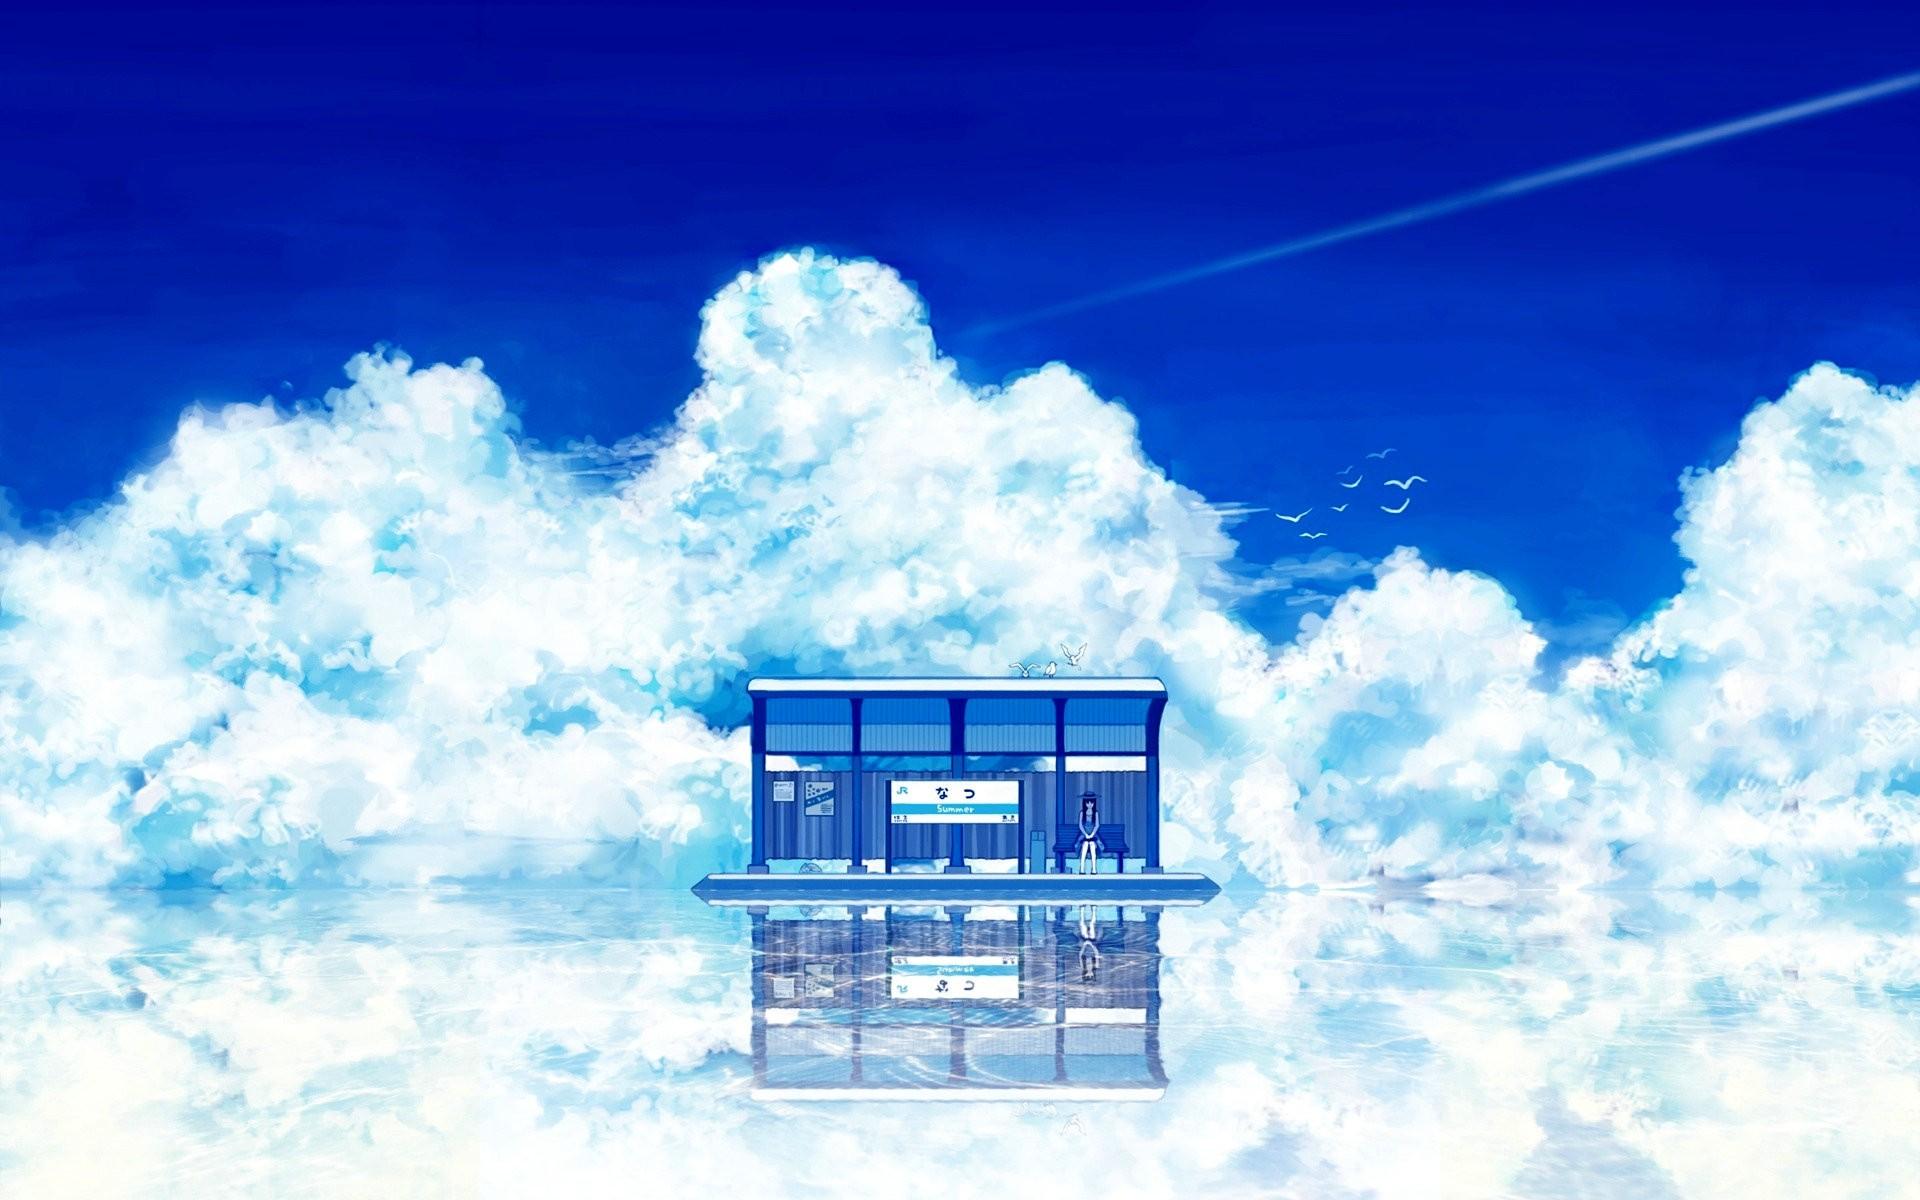 Wallpaper Sunlight Anime Girls Abstract Sky Artwork Alone